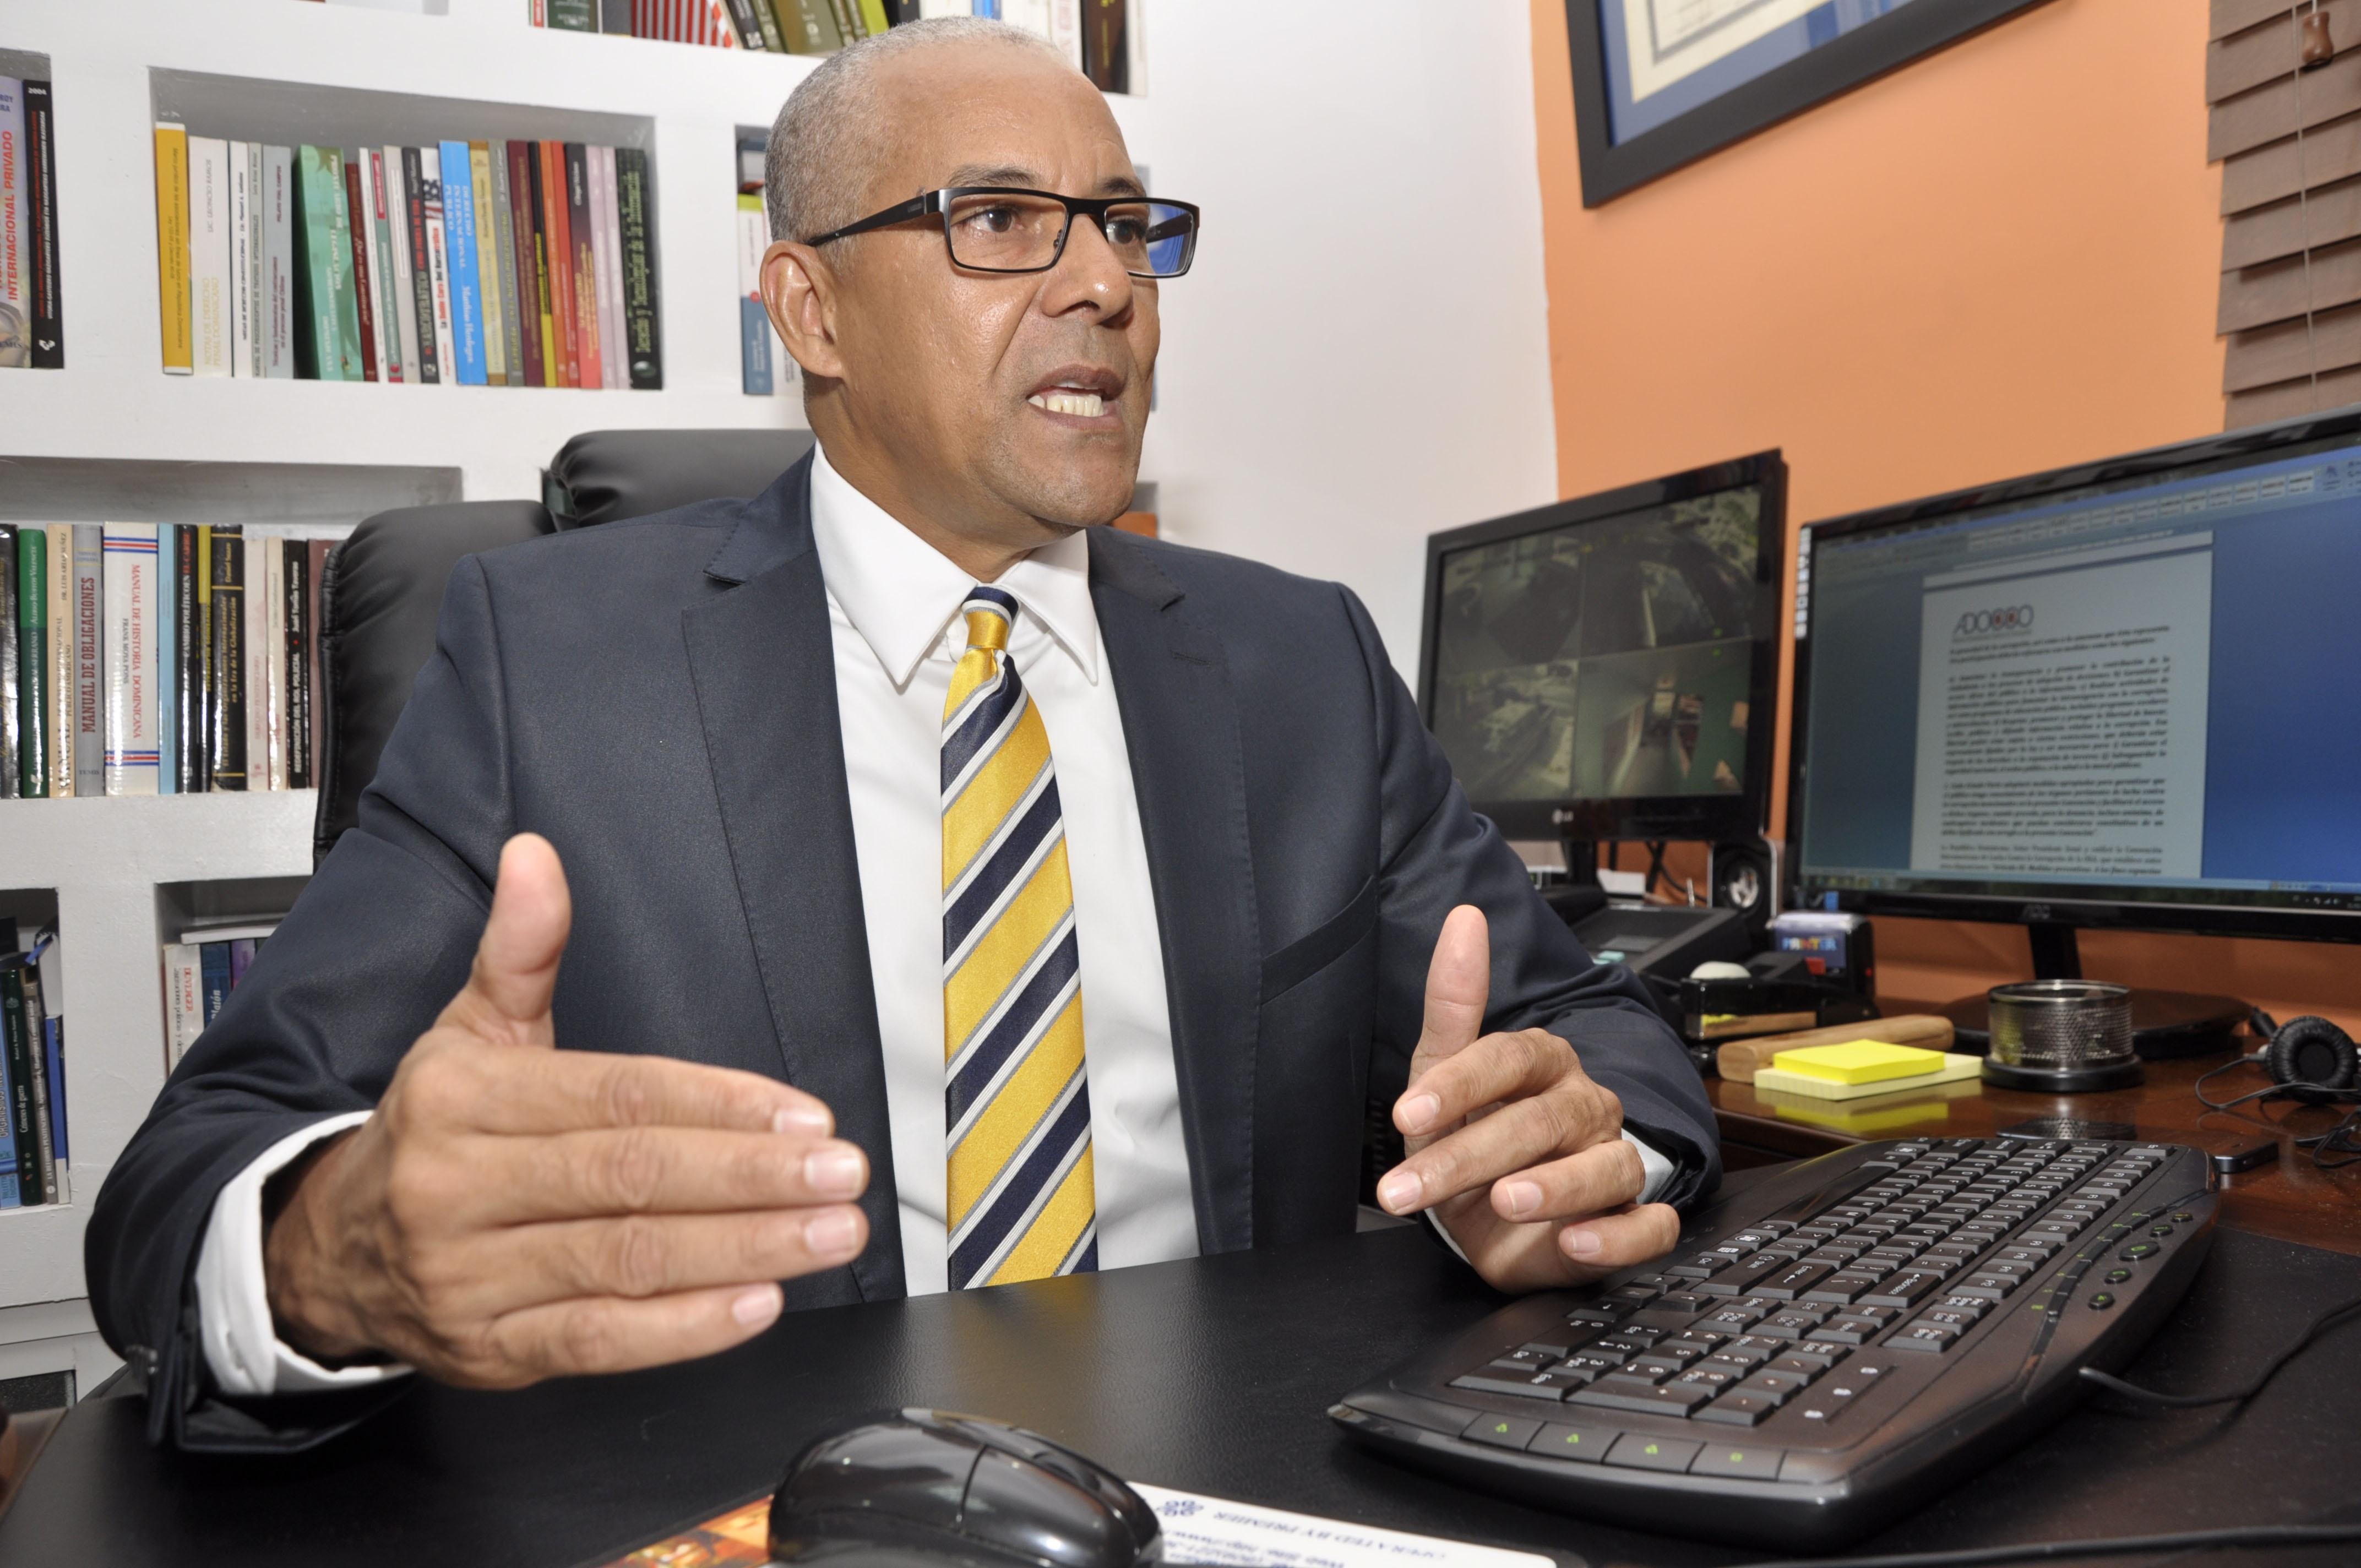 Adoco reitera rechazo a posible modificación constitucional